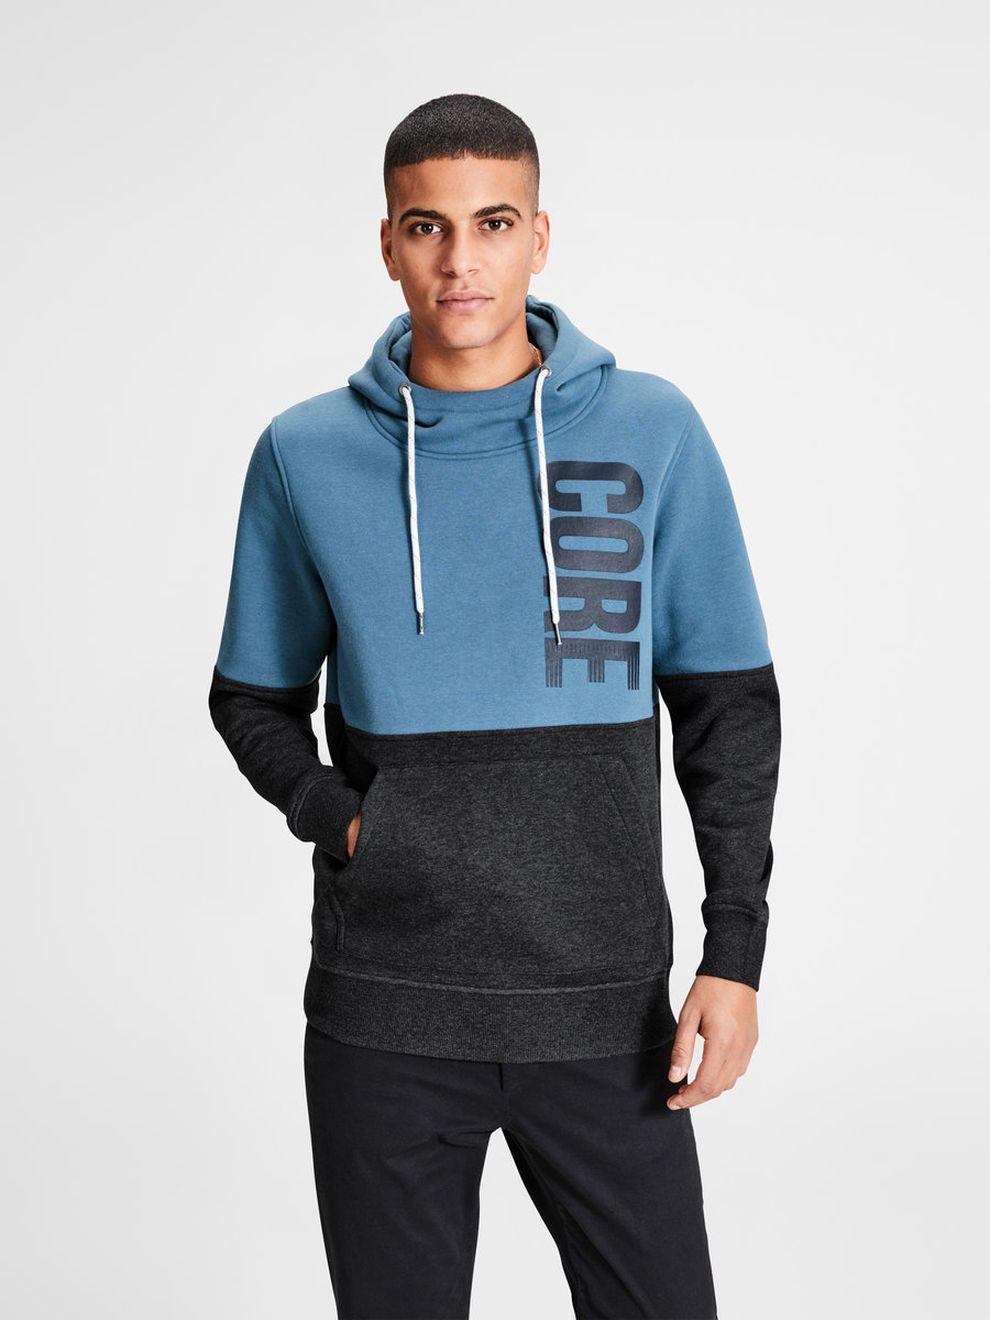 Jack Jones Colour Block Sweatshirt Sweatshirts Color Block Sweatshirt Hoodies Men [ 1320 x 990 Pixel ]